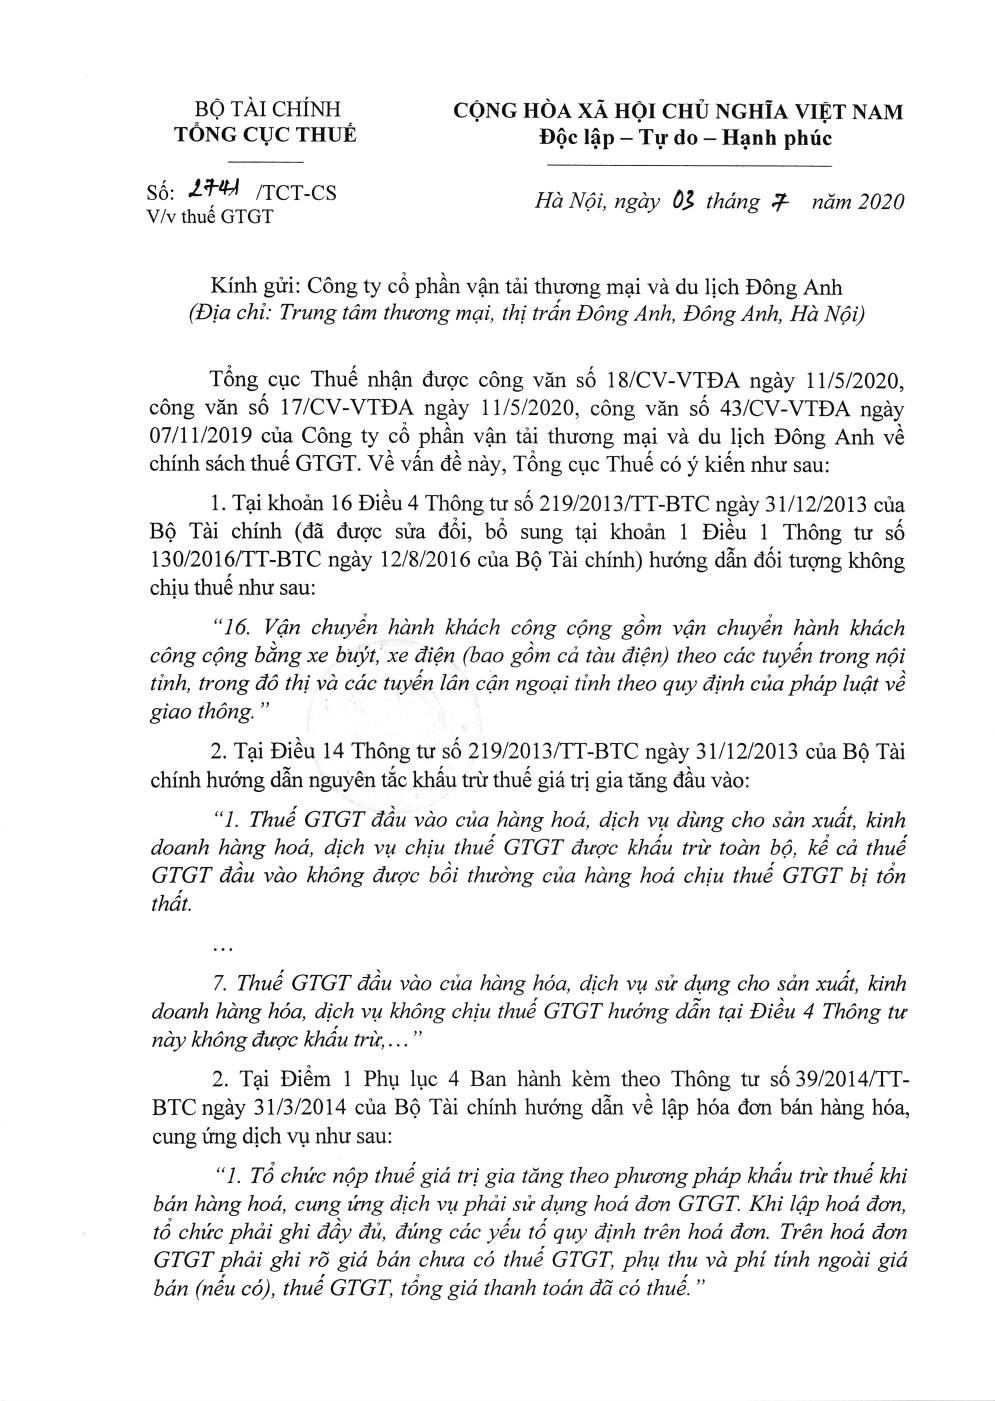 Công văn số 2741/TCT-CS của Tổng cục Thuế ngày 03/07/2020 v/v thuế GTGT